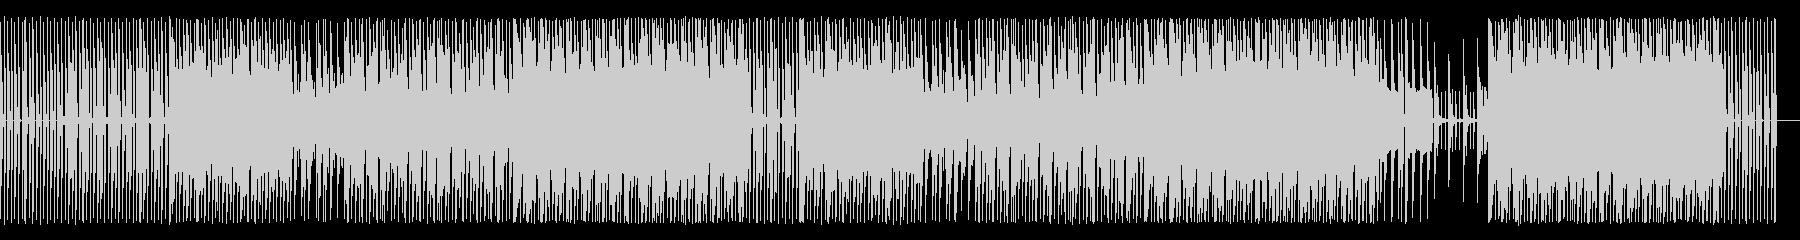 エディットされたピアノ/Hip-Hopの未再生の波形